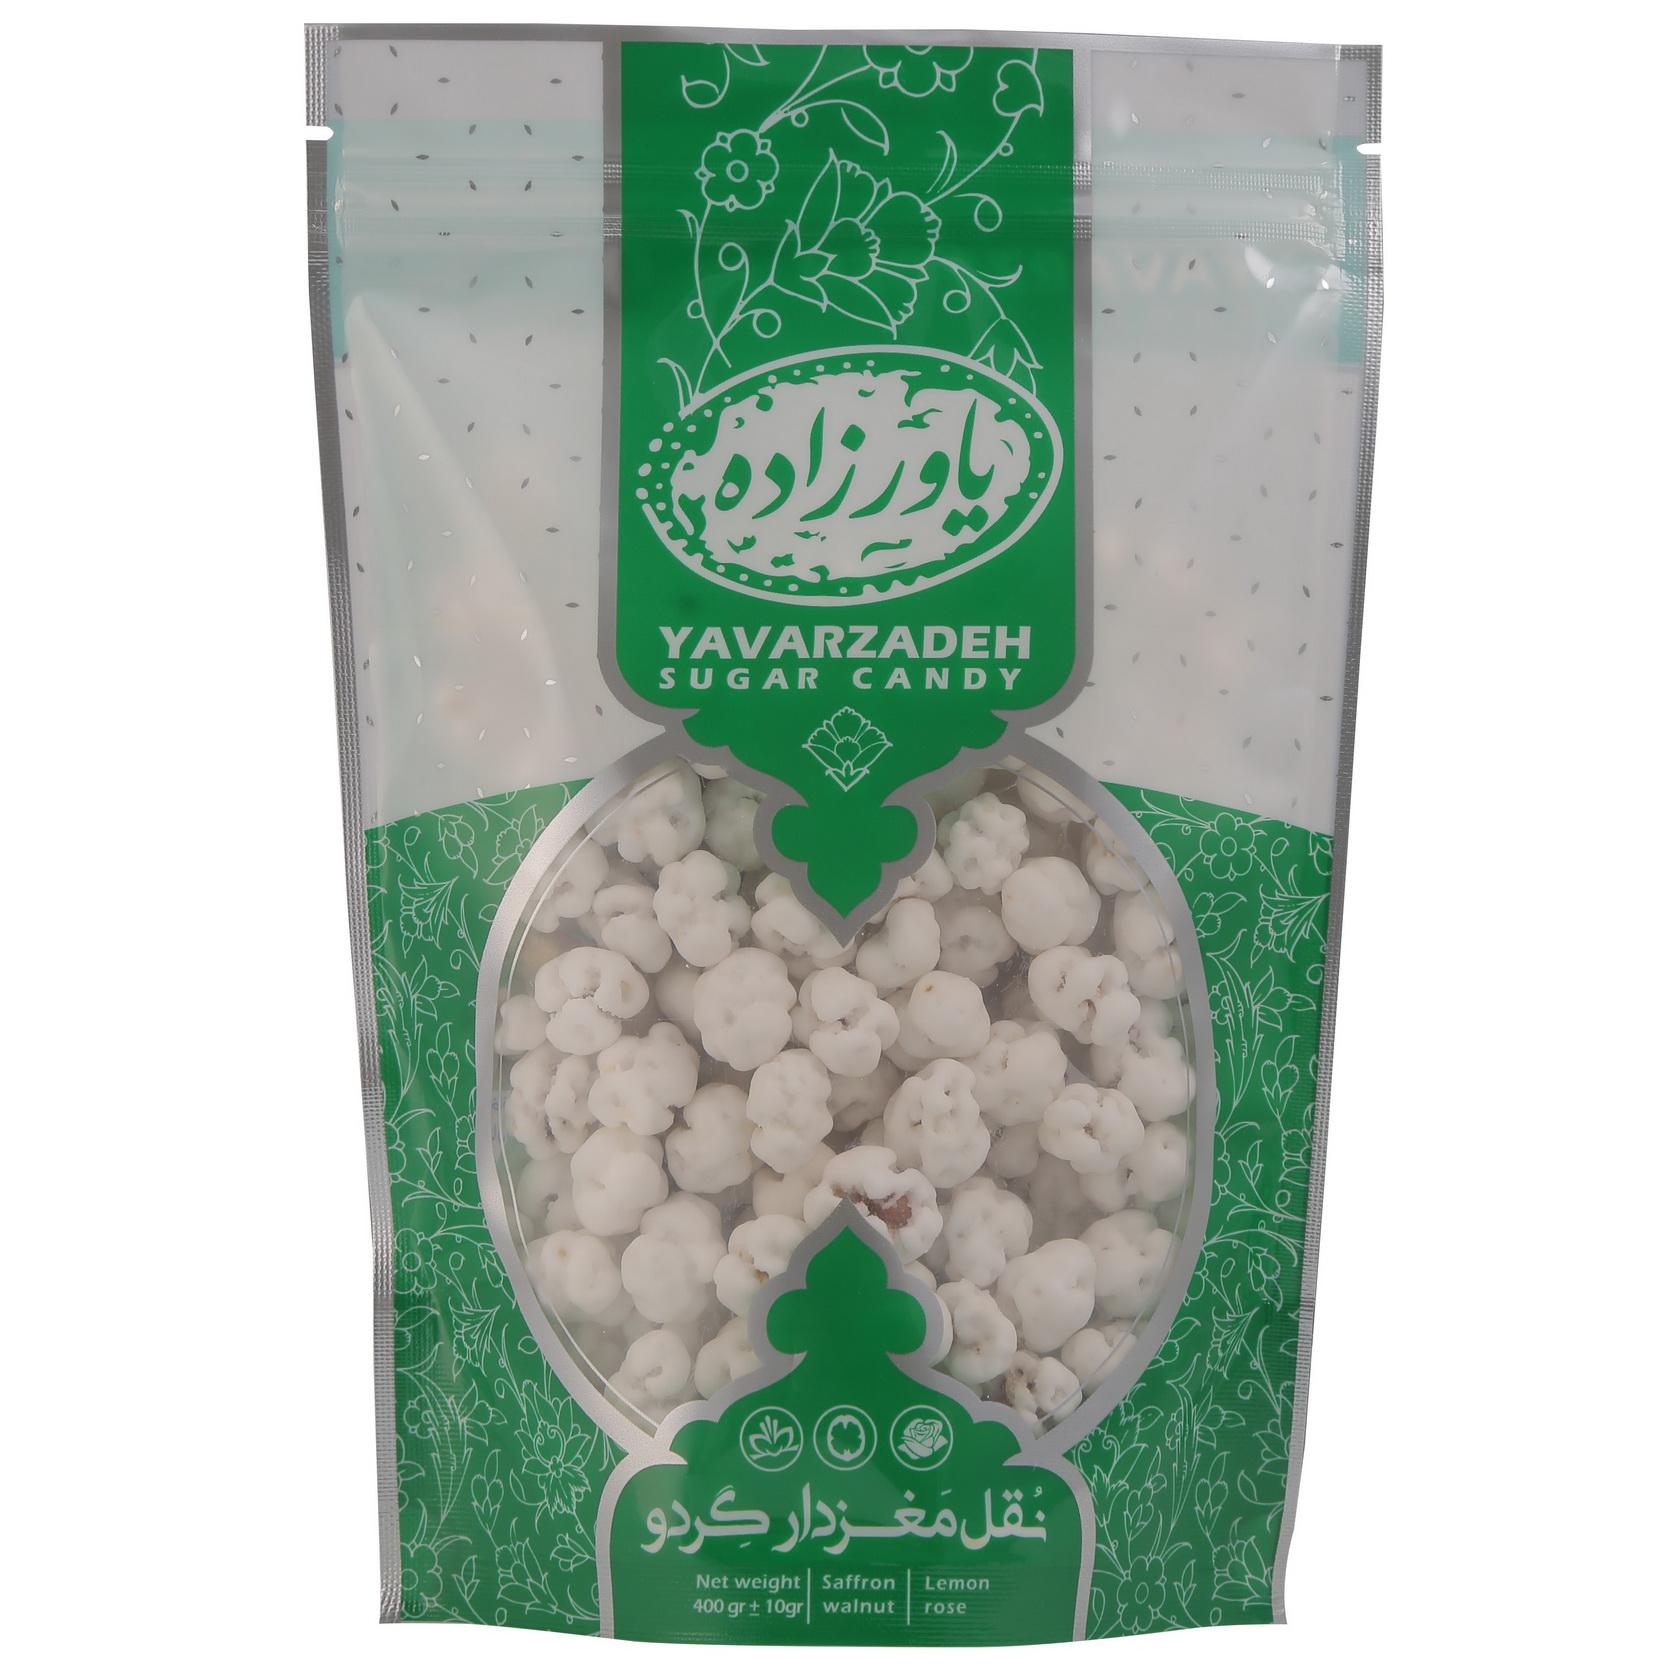 نقل گردویی و گلاب یاورزاده - 400گرم